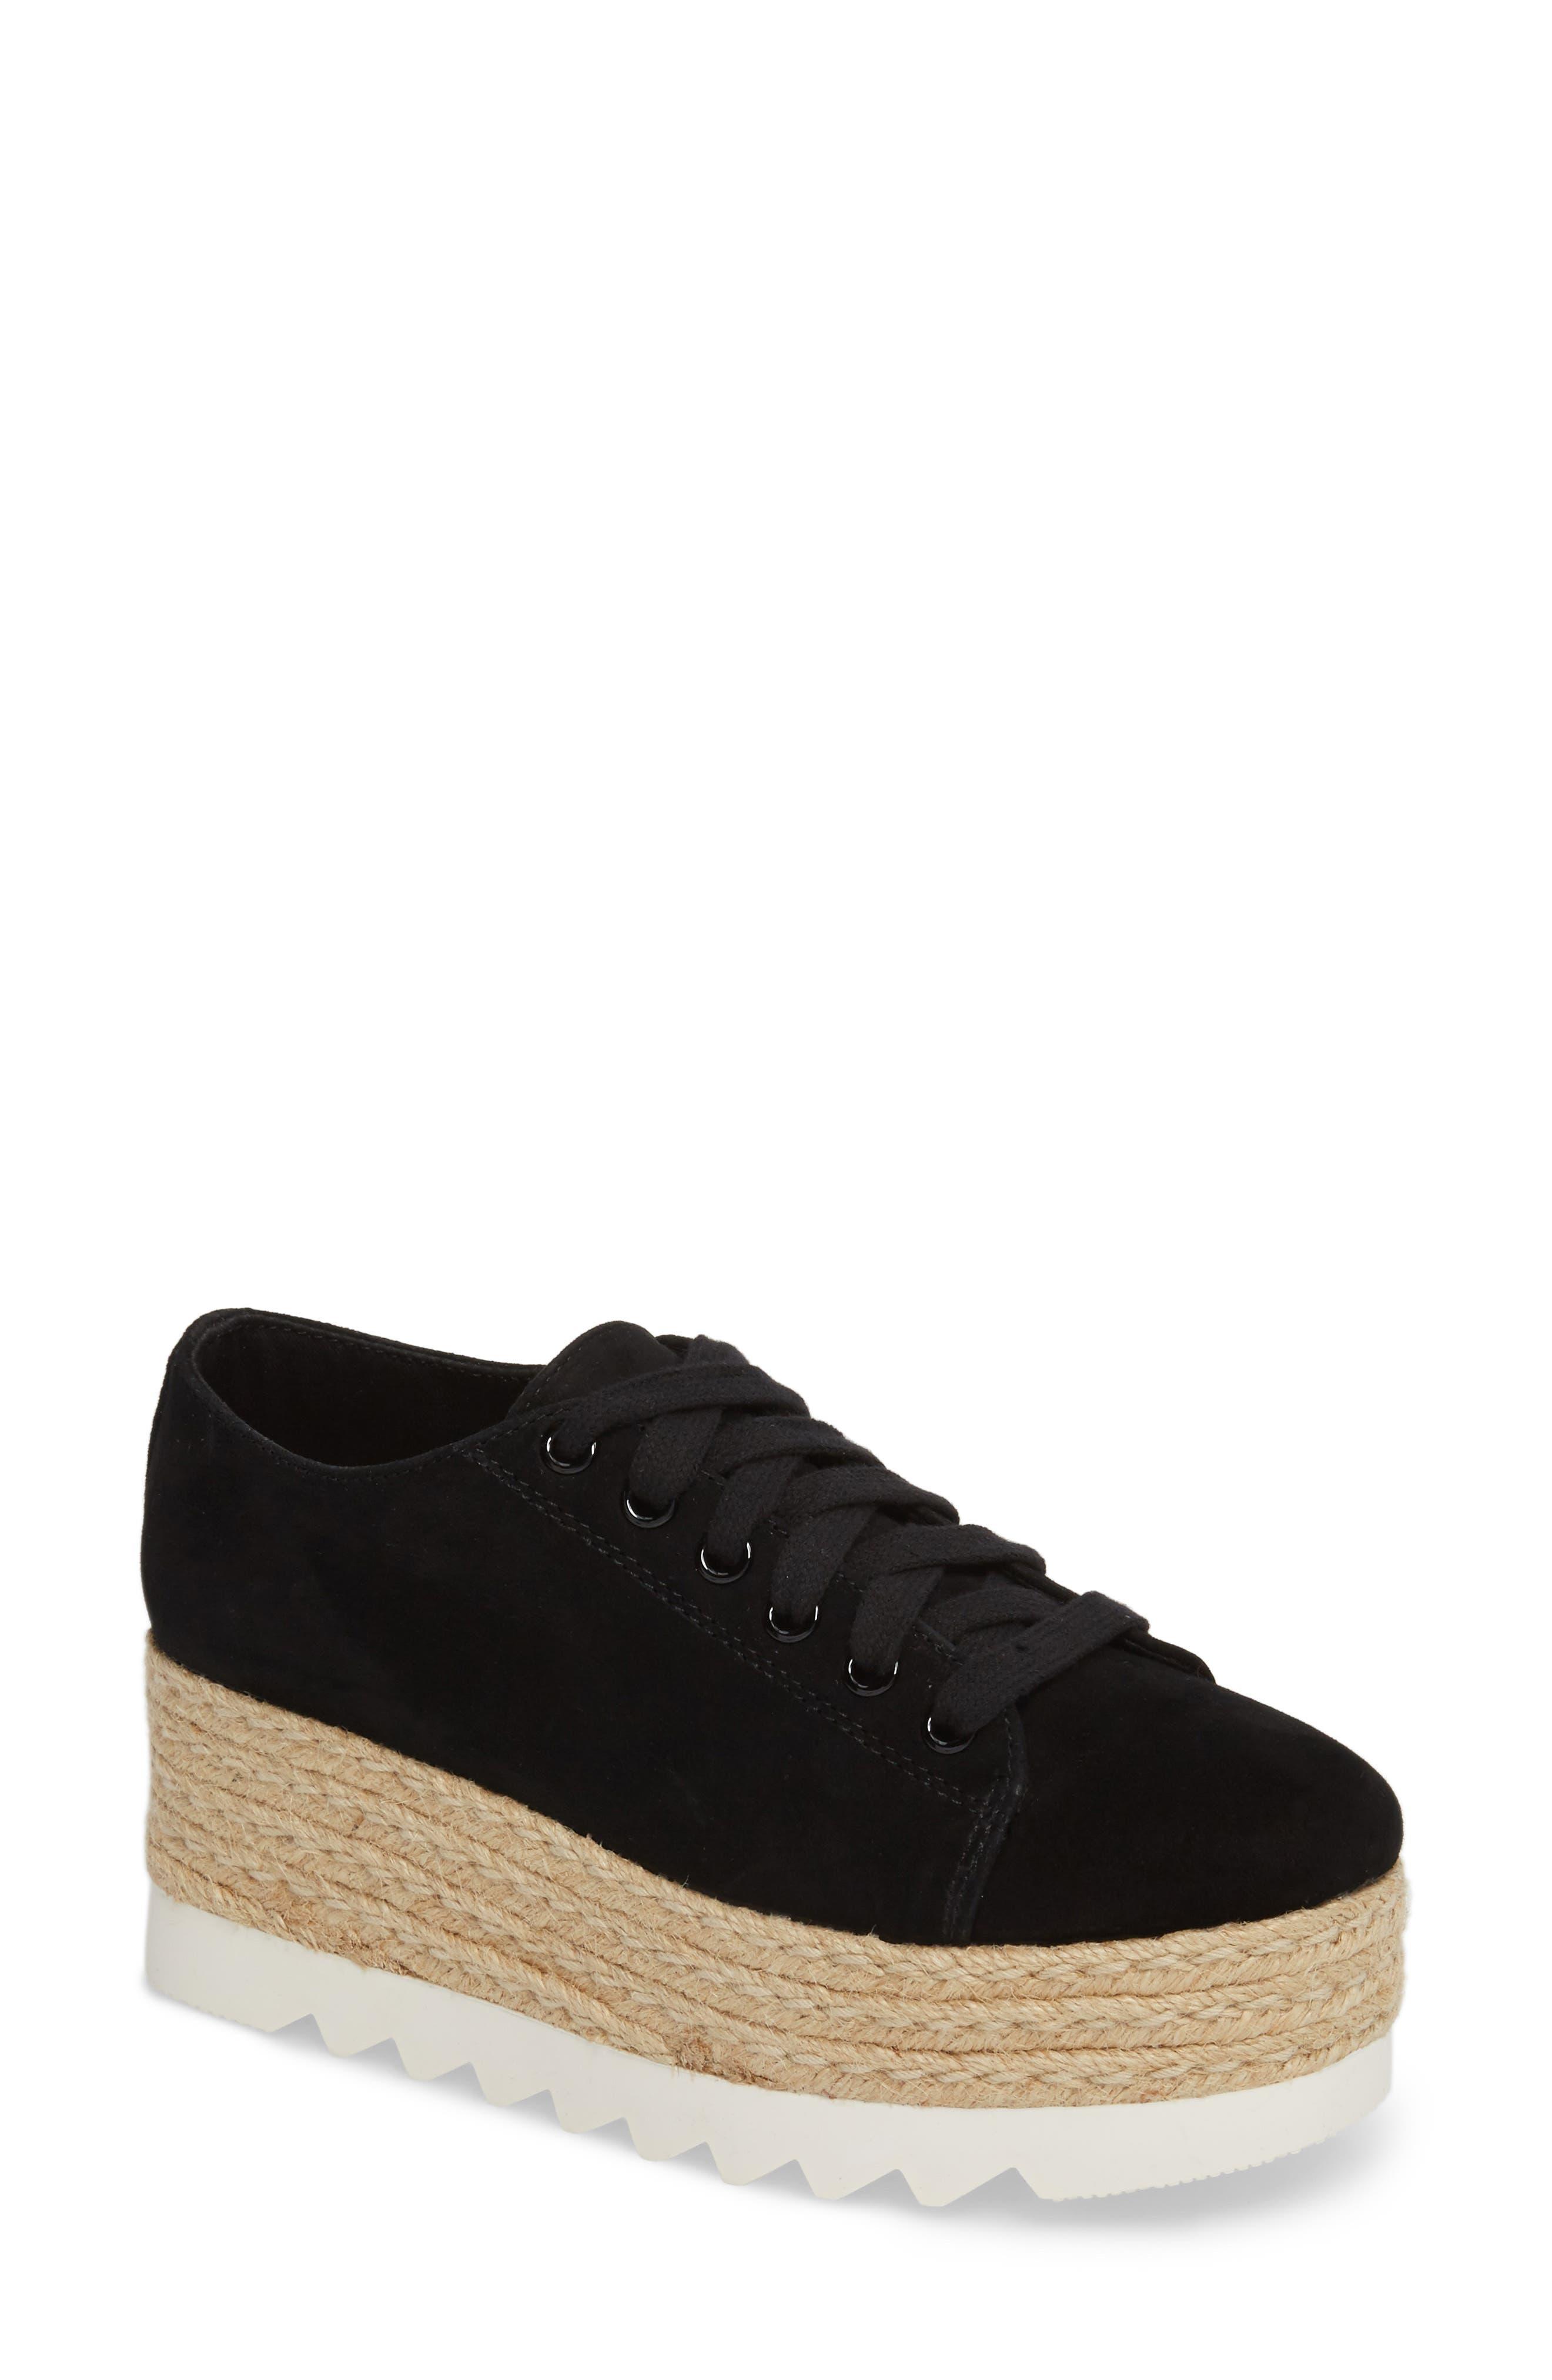 Karma Espadrille Platform Sneaker,                         Main,                         color, BLACK SUED